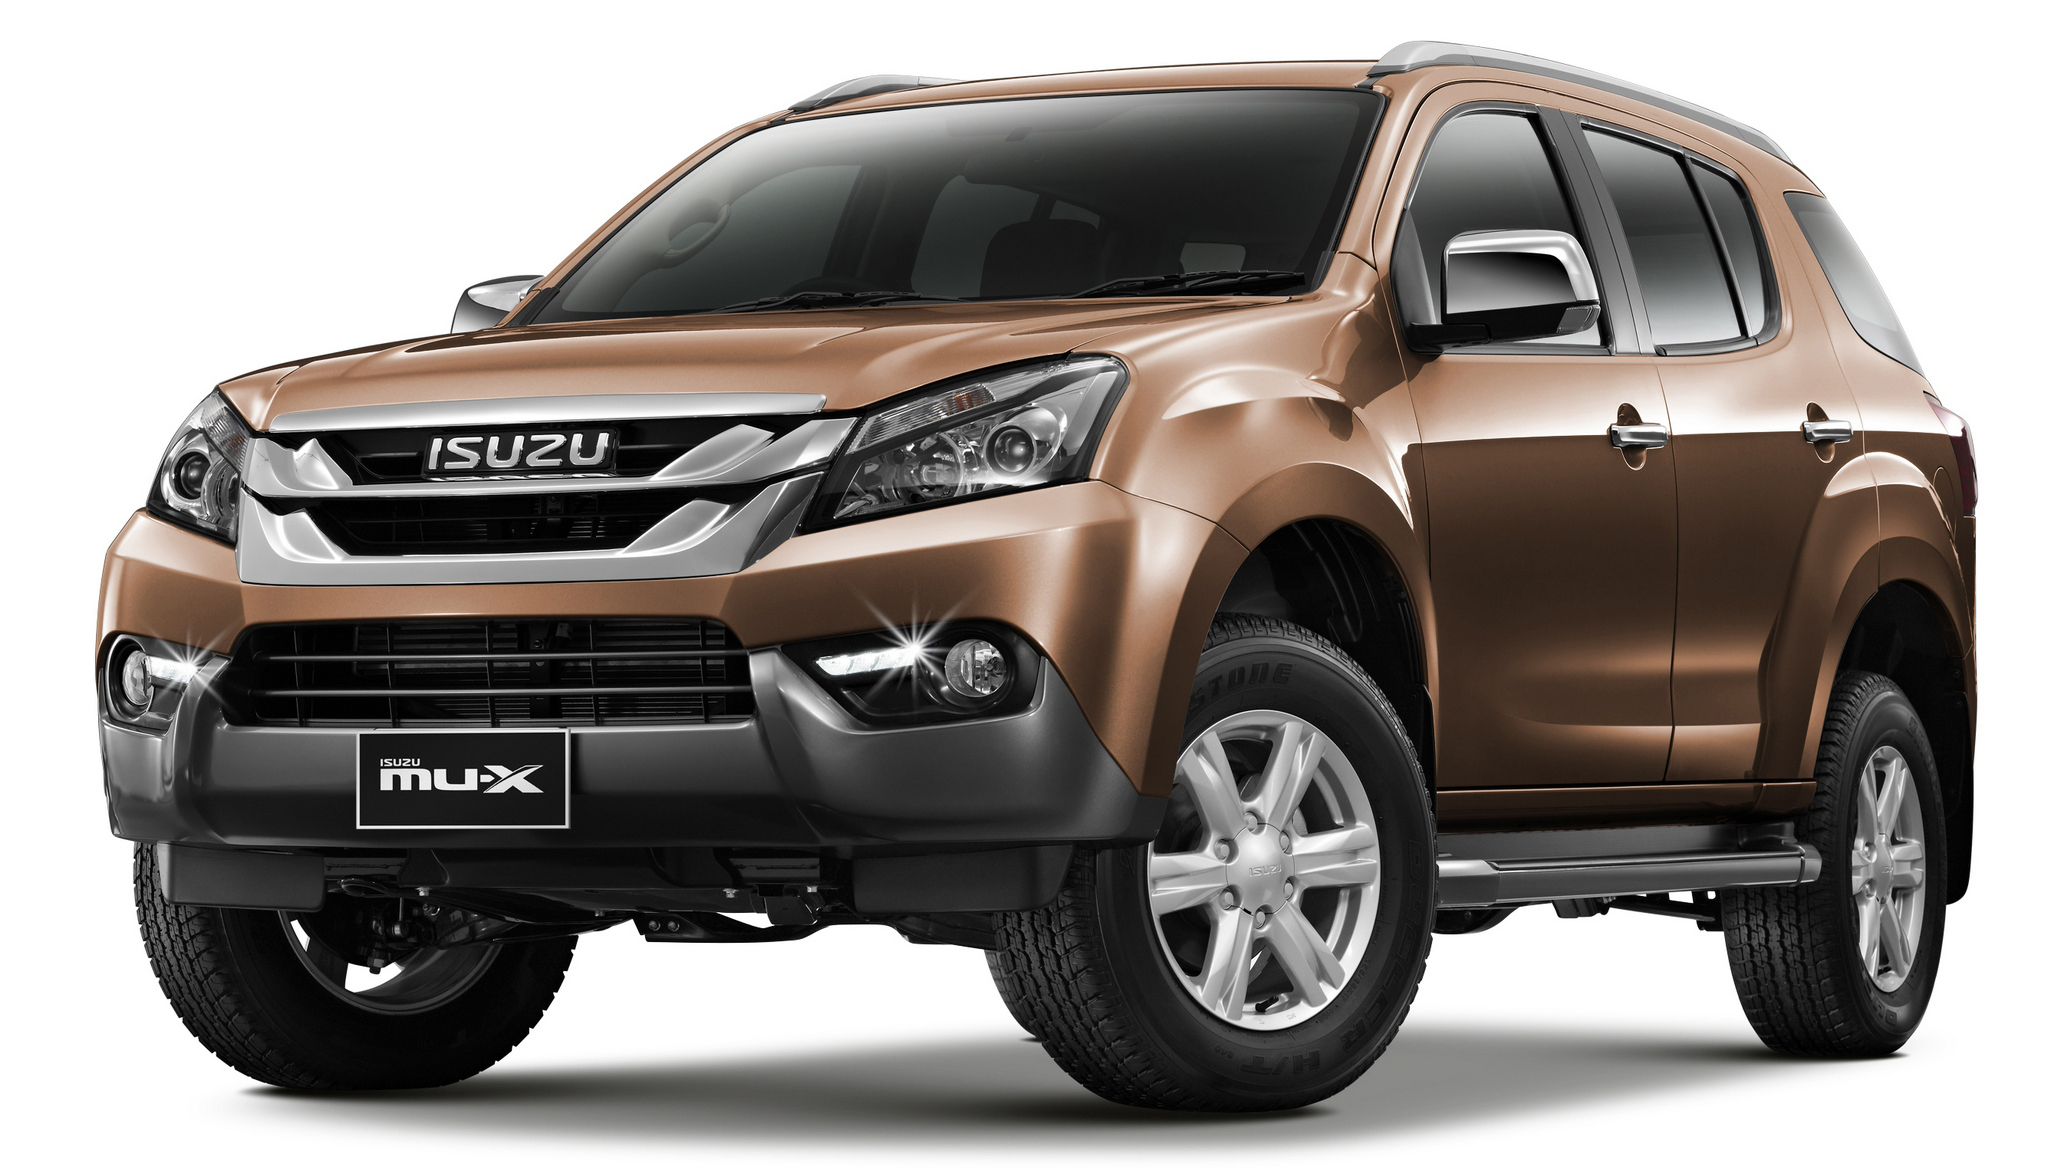 Isuzu MU-X launching this year, CBU Thailand - COO